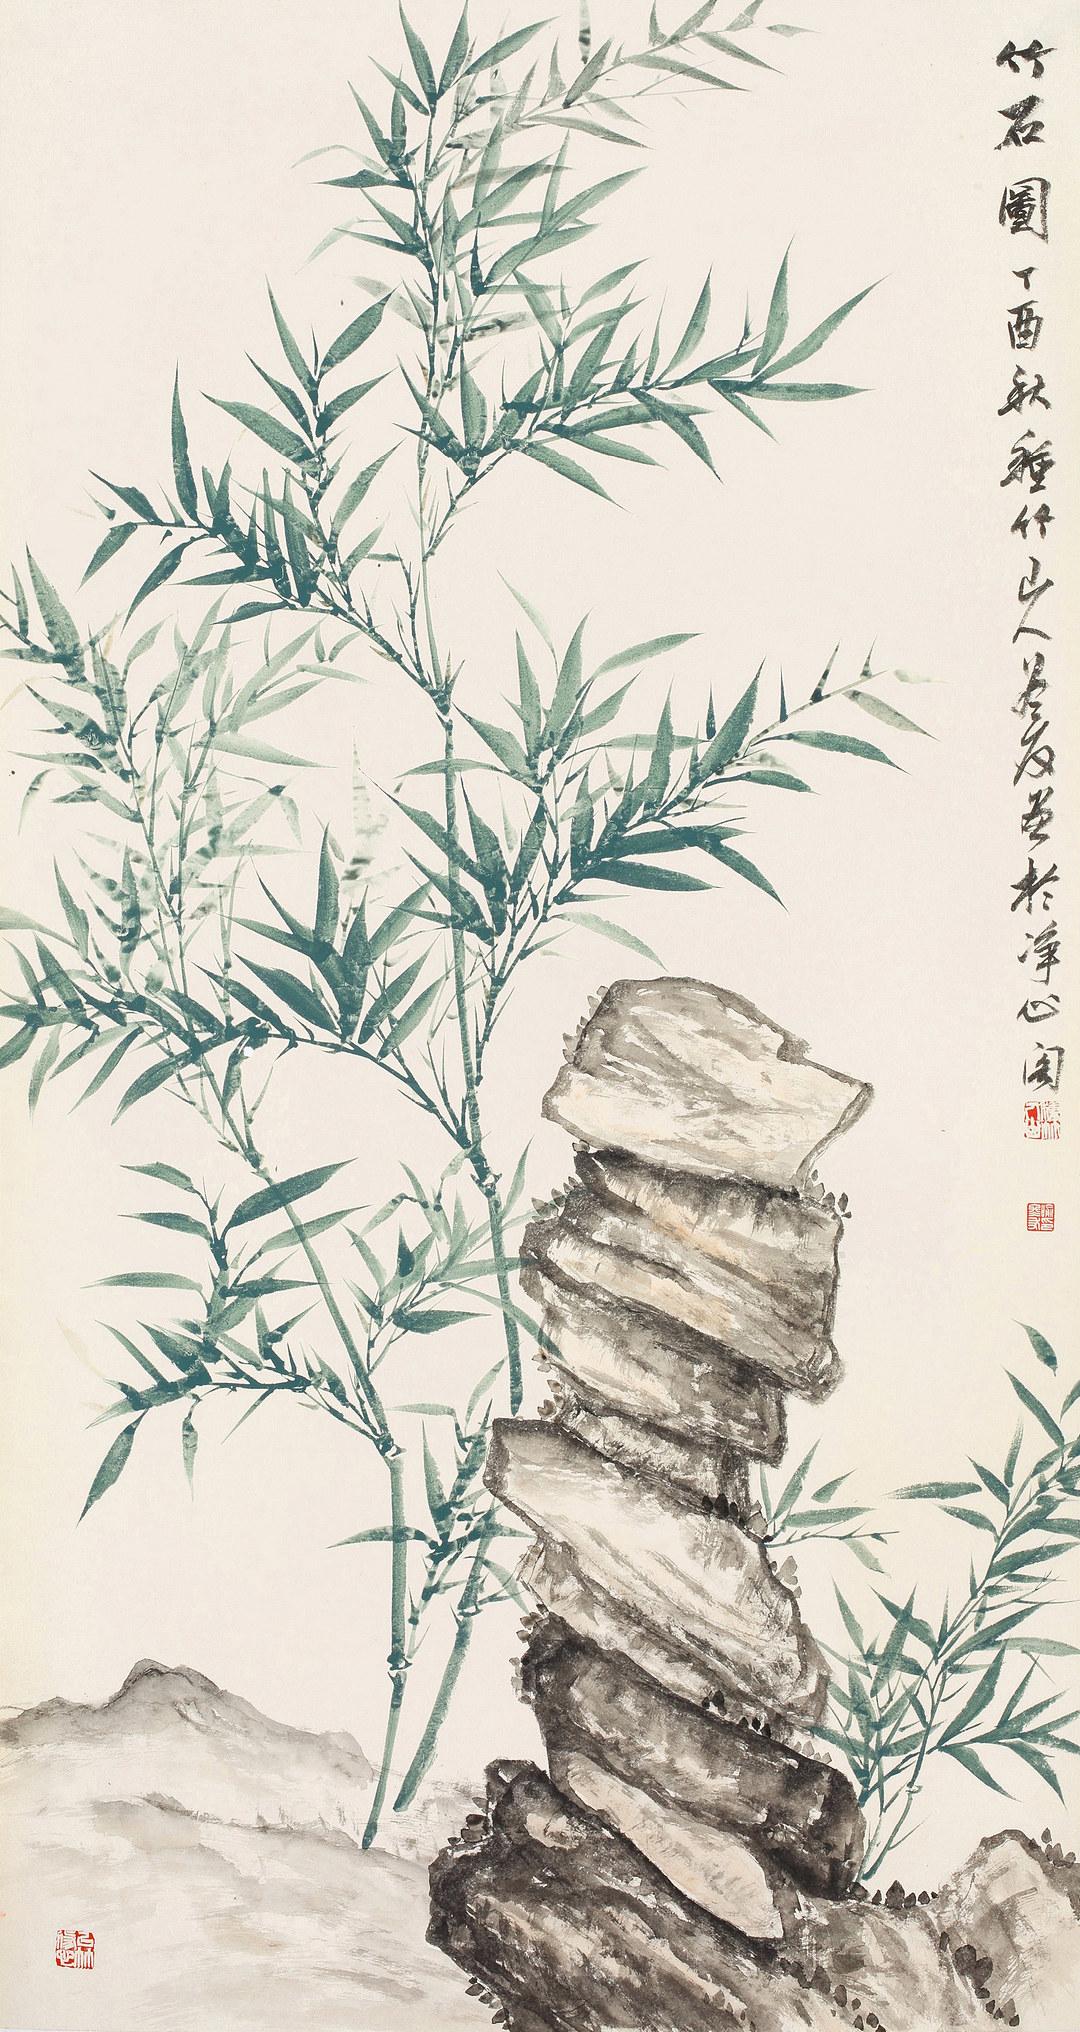 《竹石图》 纸本水墨 2017年